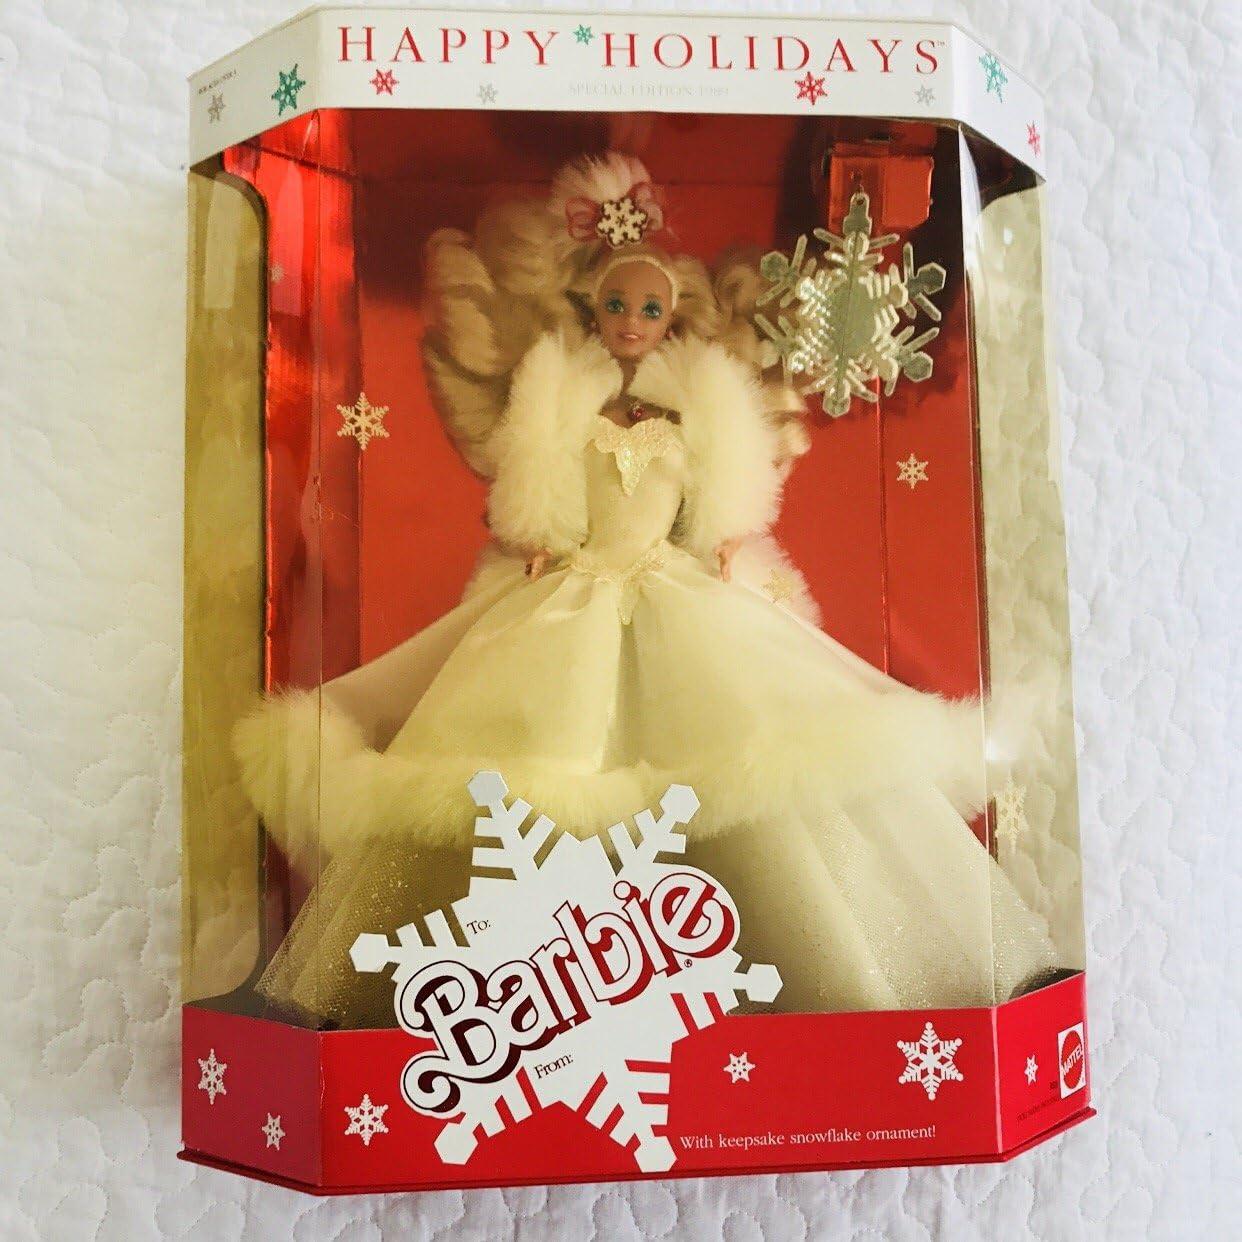 Happy Holidays Barbie 1989 by Barbie: Amazon.it: Giochi e giocattoli